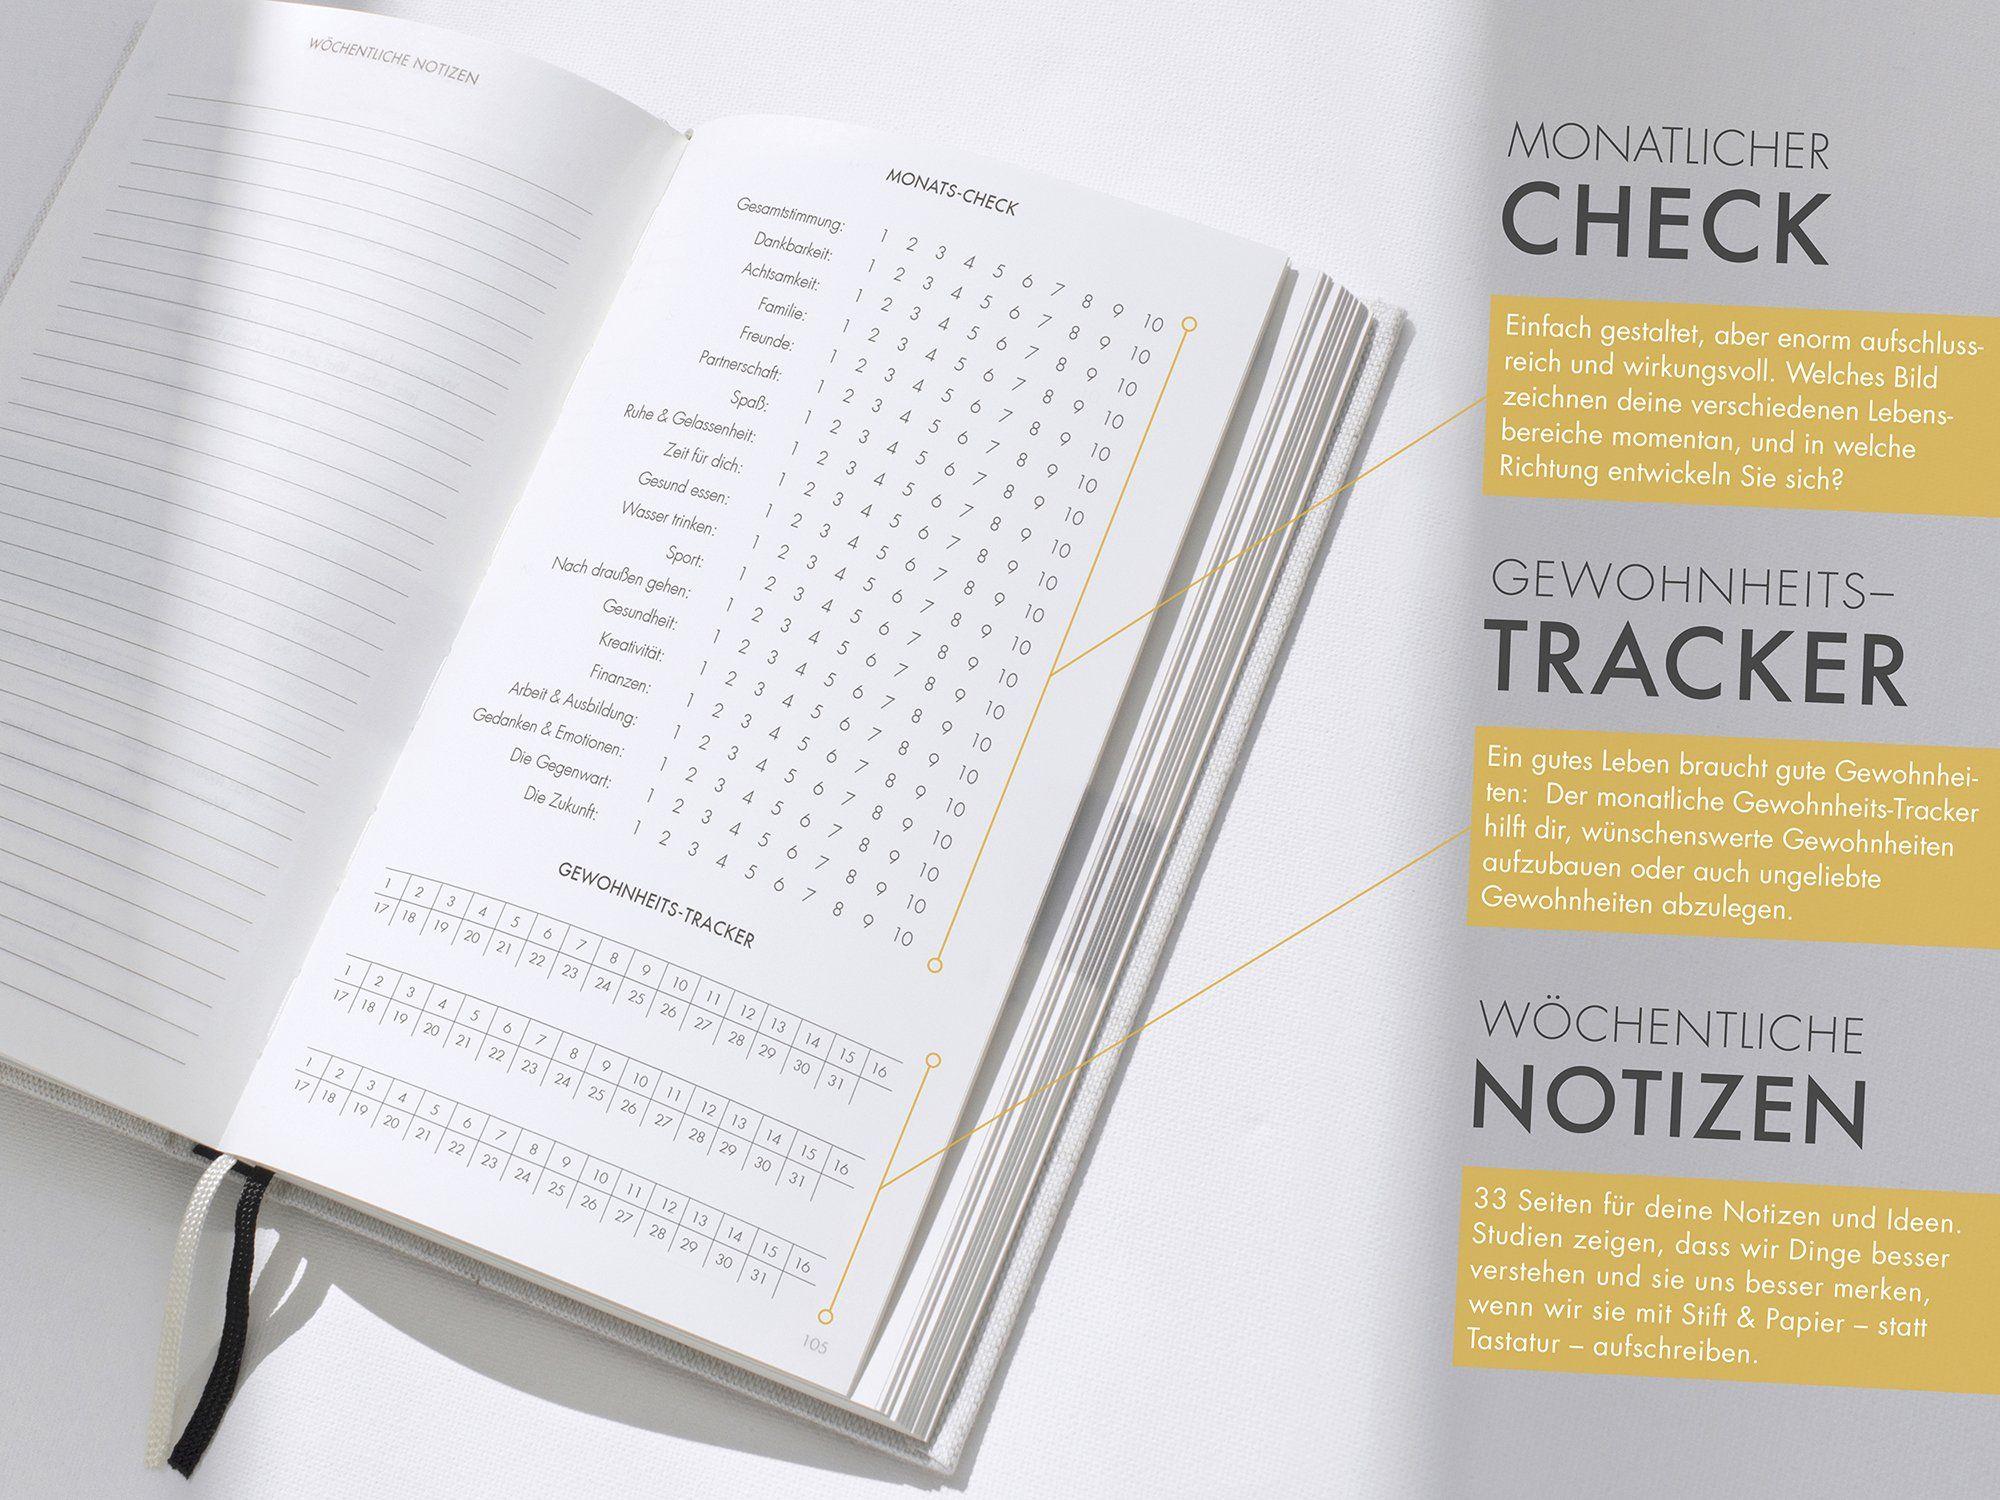 Das 6 Minuten Tagebuch Ein Buch Das Dein Leben Verandert Mix Aus Sach Praxis Und Notizbuch Amazon De Dominik Spenst Ba Cher Notizbuch Notiz Bucher